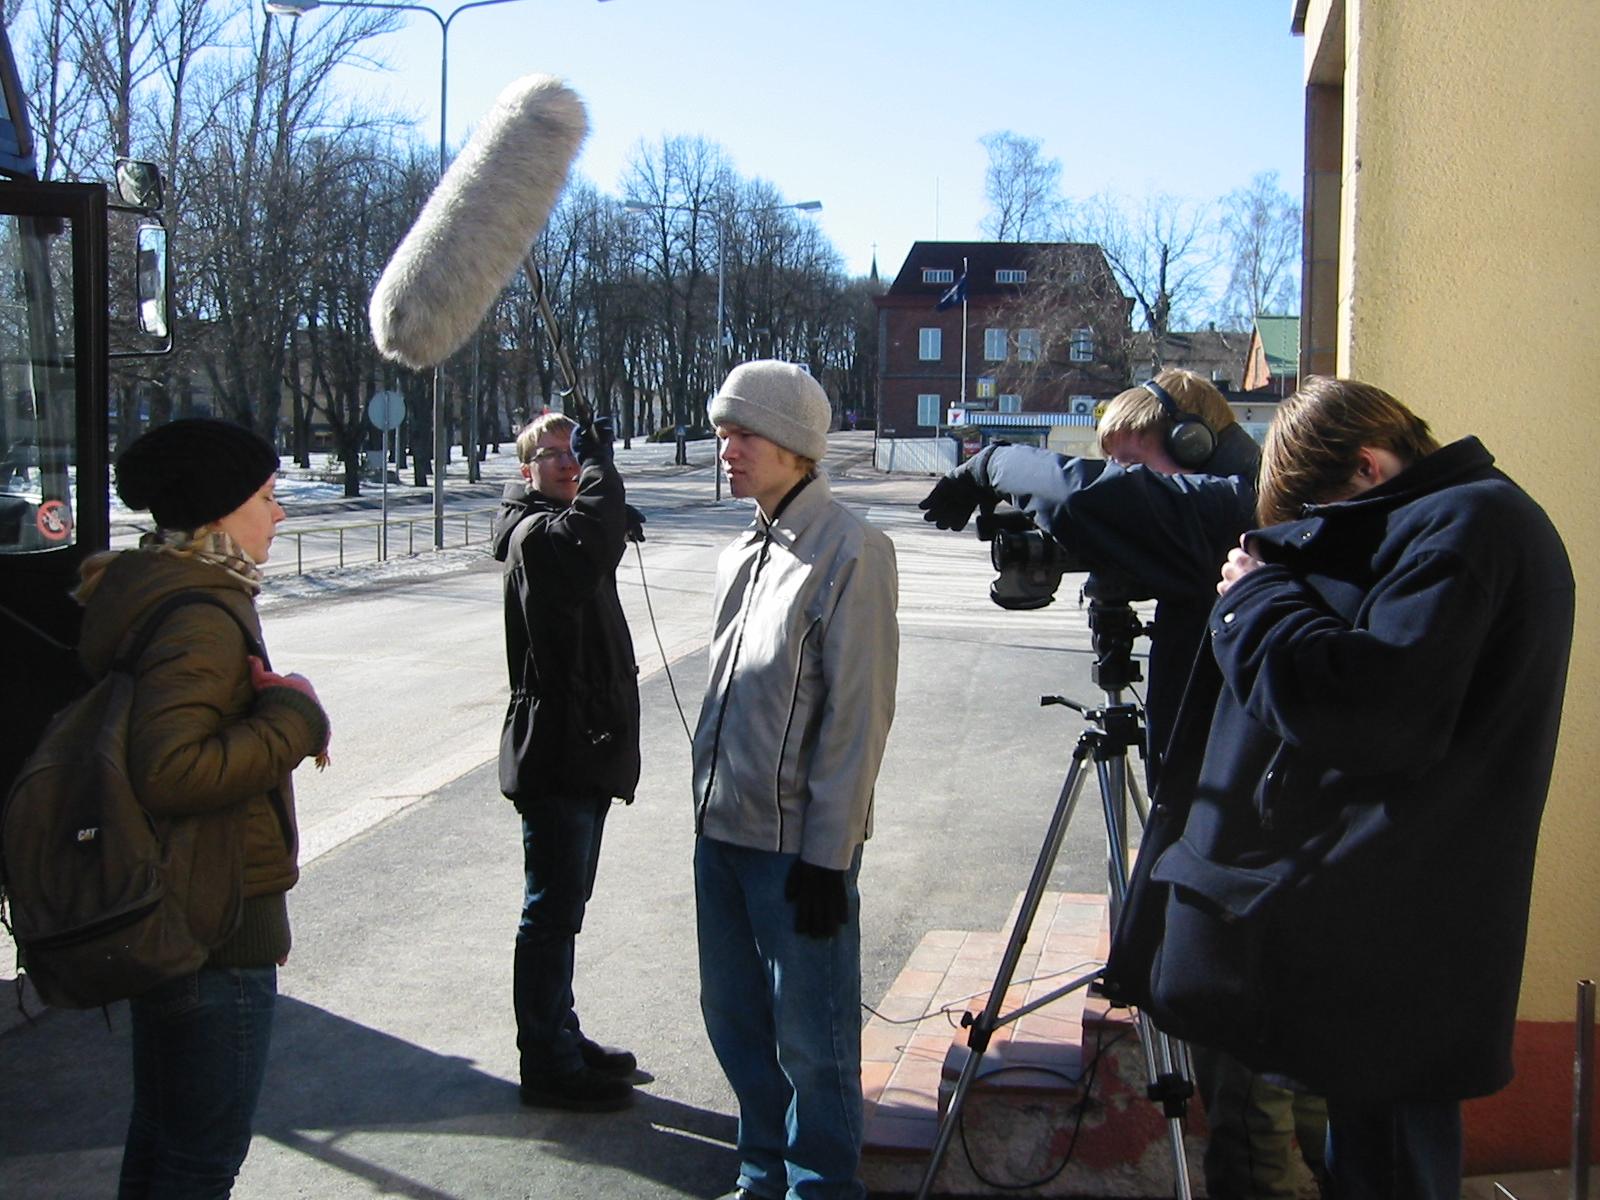 Kadulla kuvataan videota. Yksi henkilö kuvaa videokameralla, yksi pitelee mikkiä ja kaksi henkilöä näyttelee kadulla.